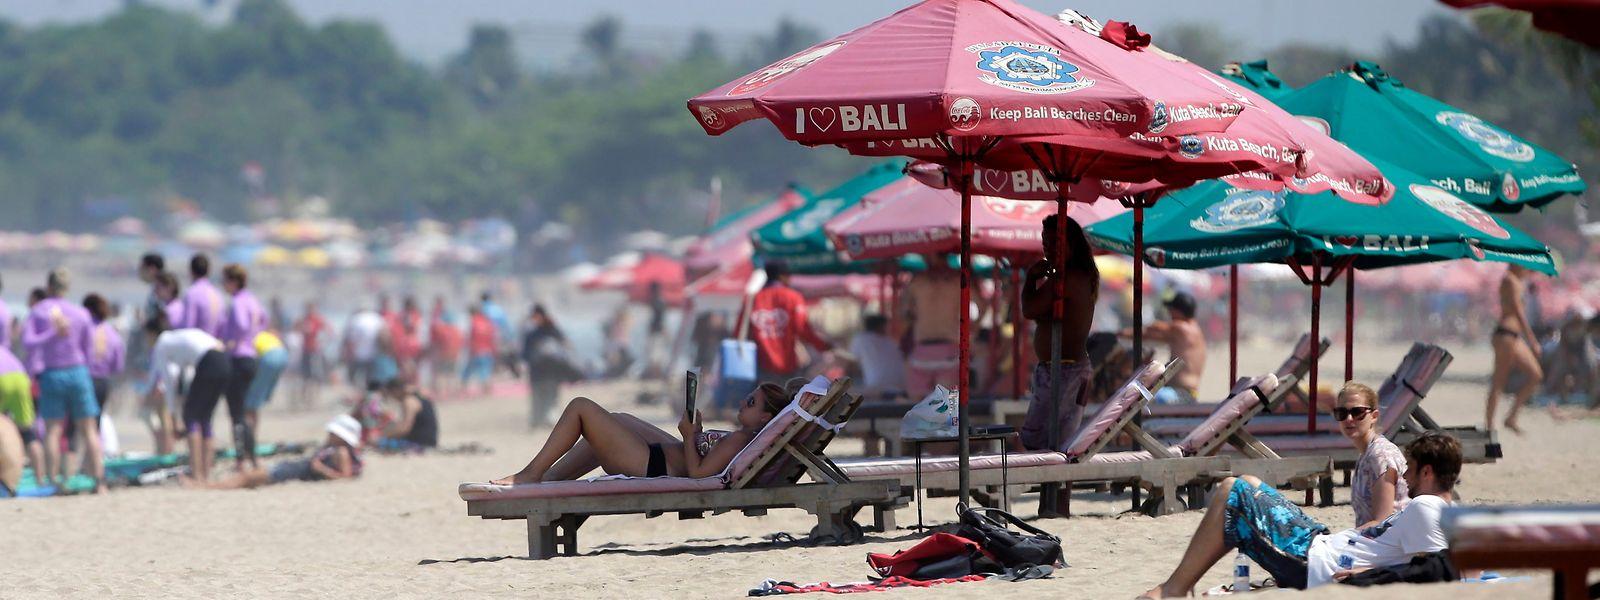 Touristen am Strand von Kuta - ein Bild aus vergangenen Tagen.